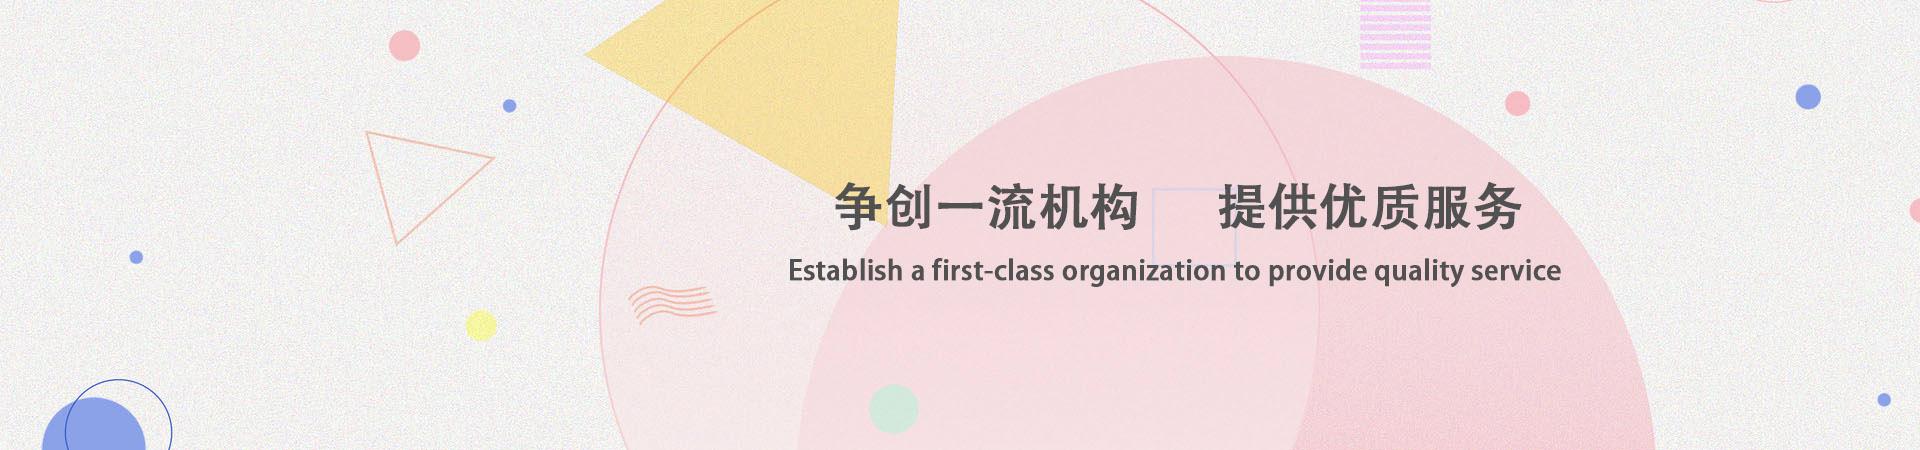 京川证服专业提供职业健康安全管理体系认证